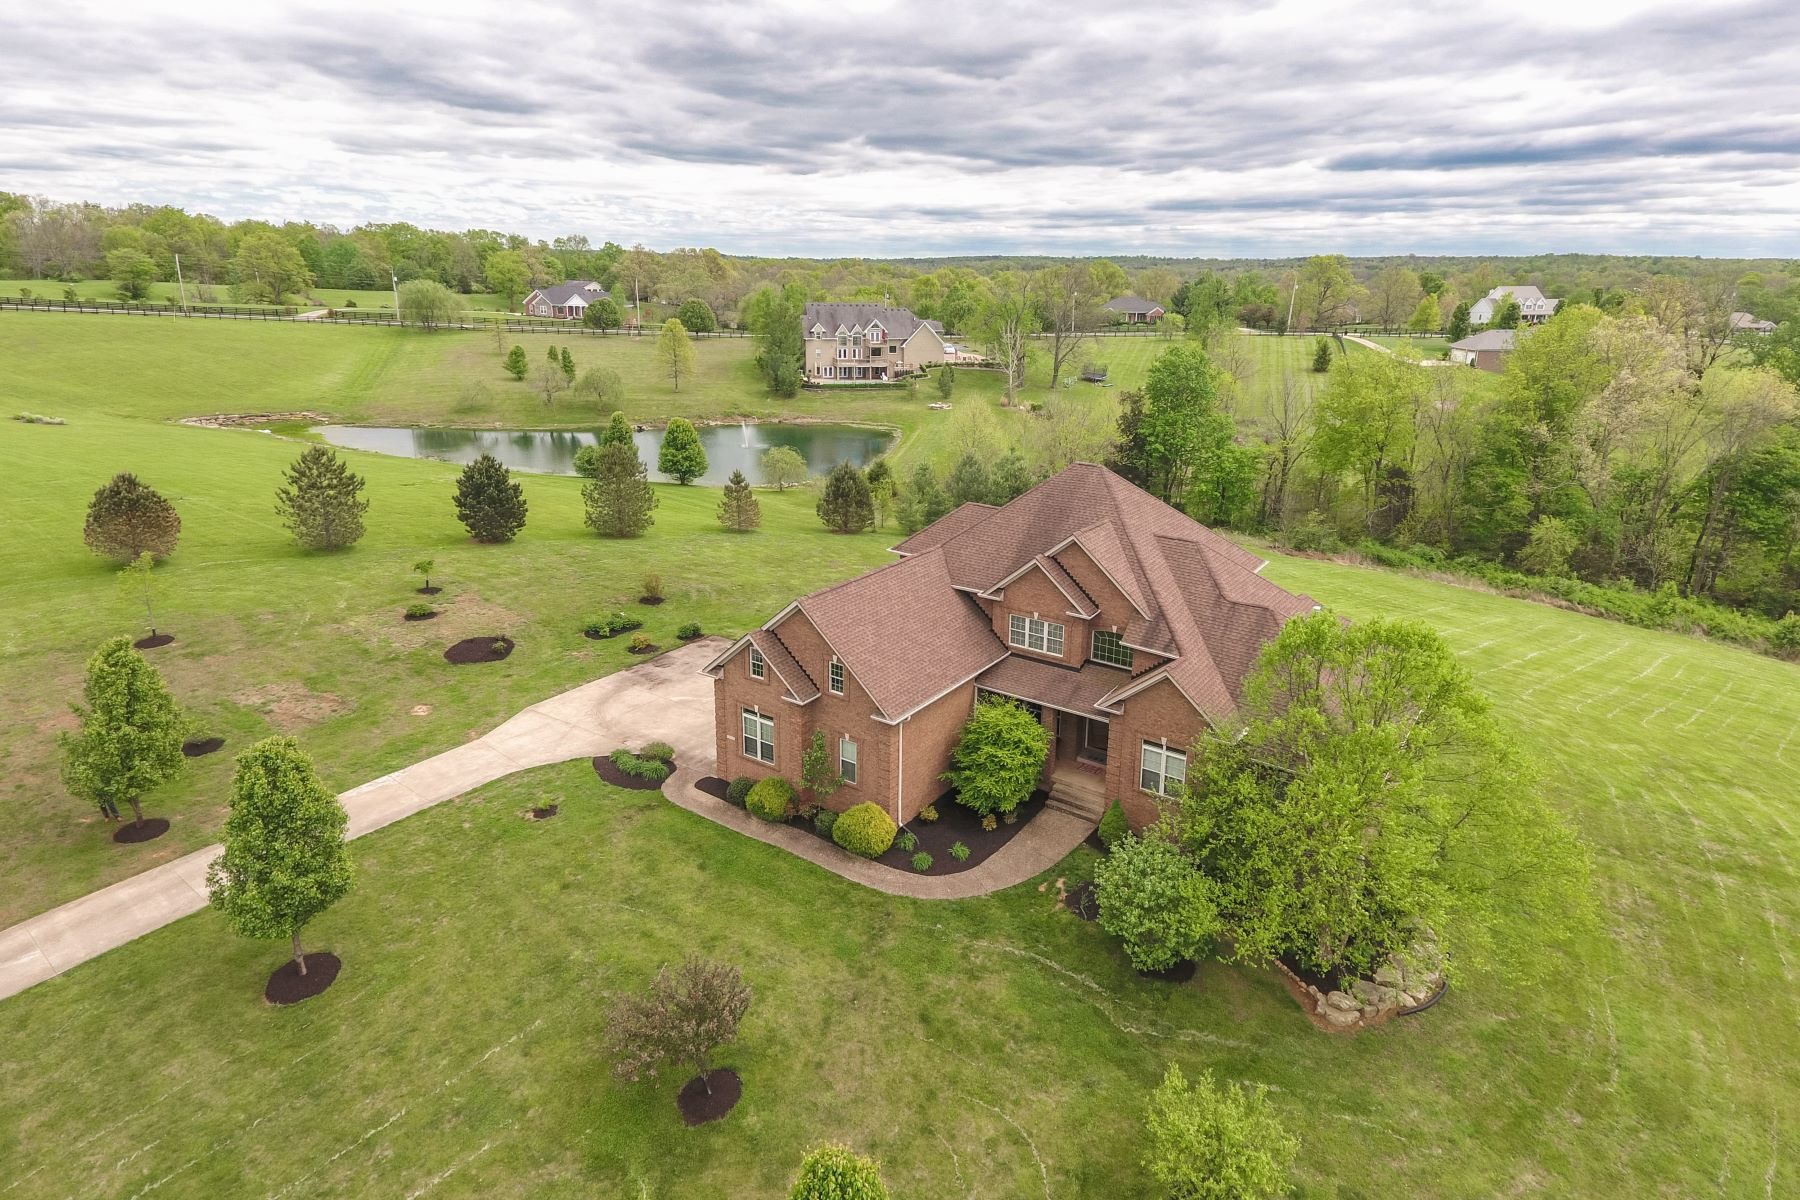 独户住宅 为 销售 在 4808 Morris Place 费希维尔, 肯塔基州, 40023 美国